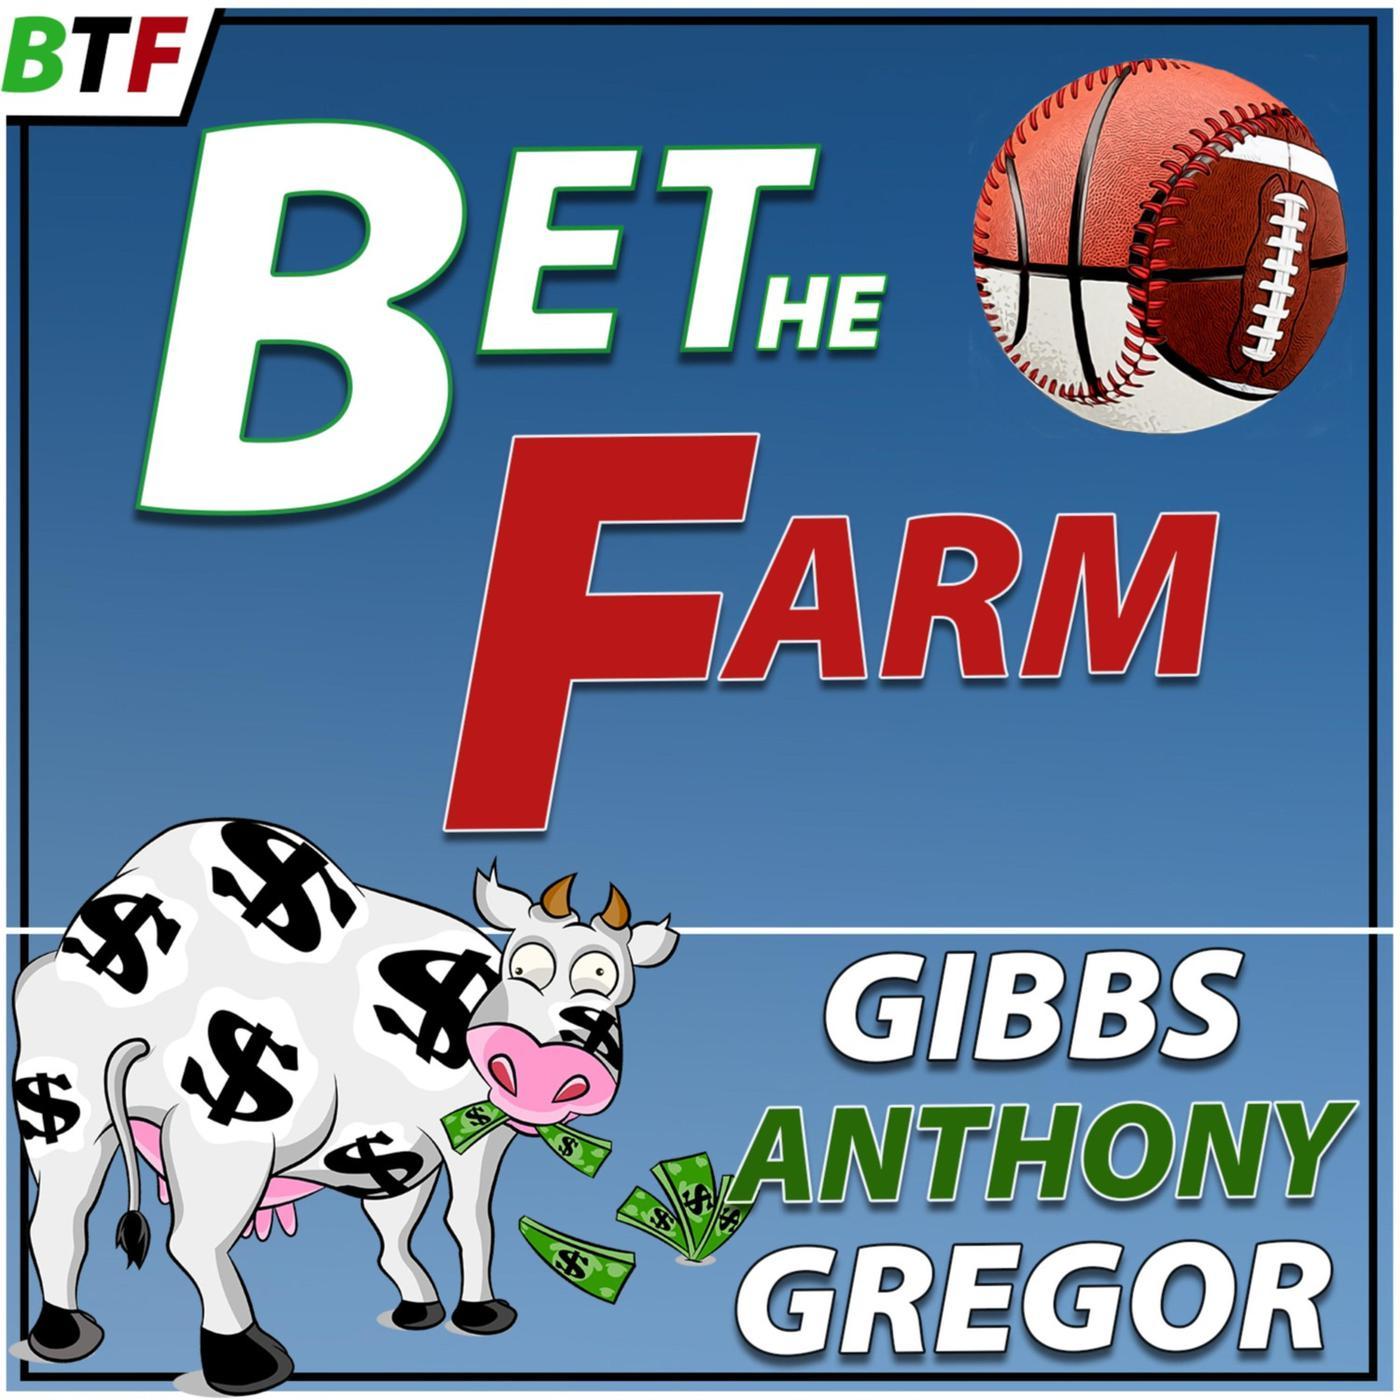 go on bet the farm